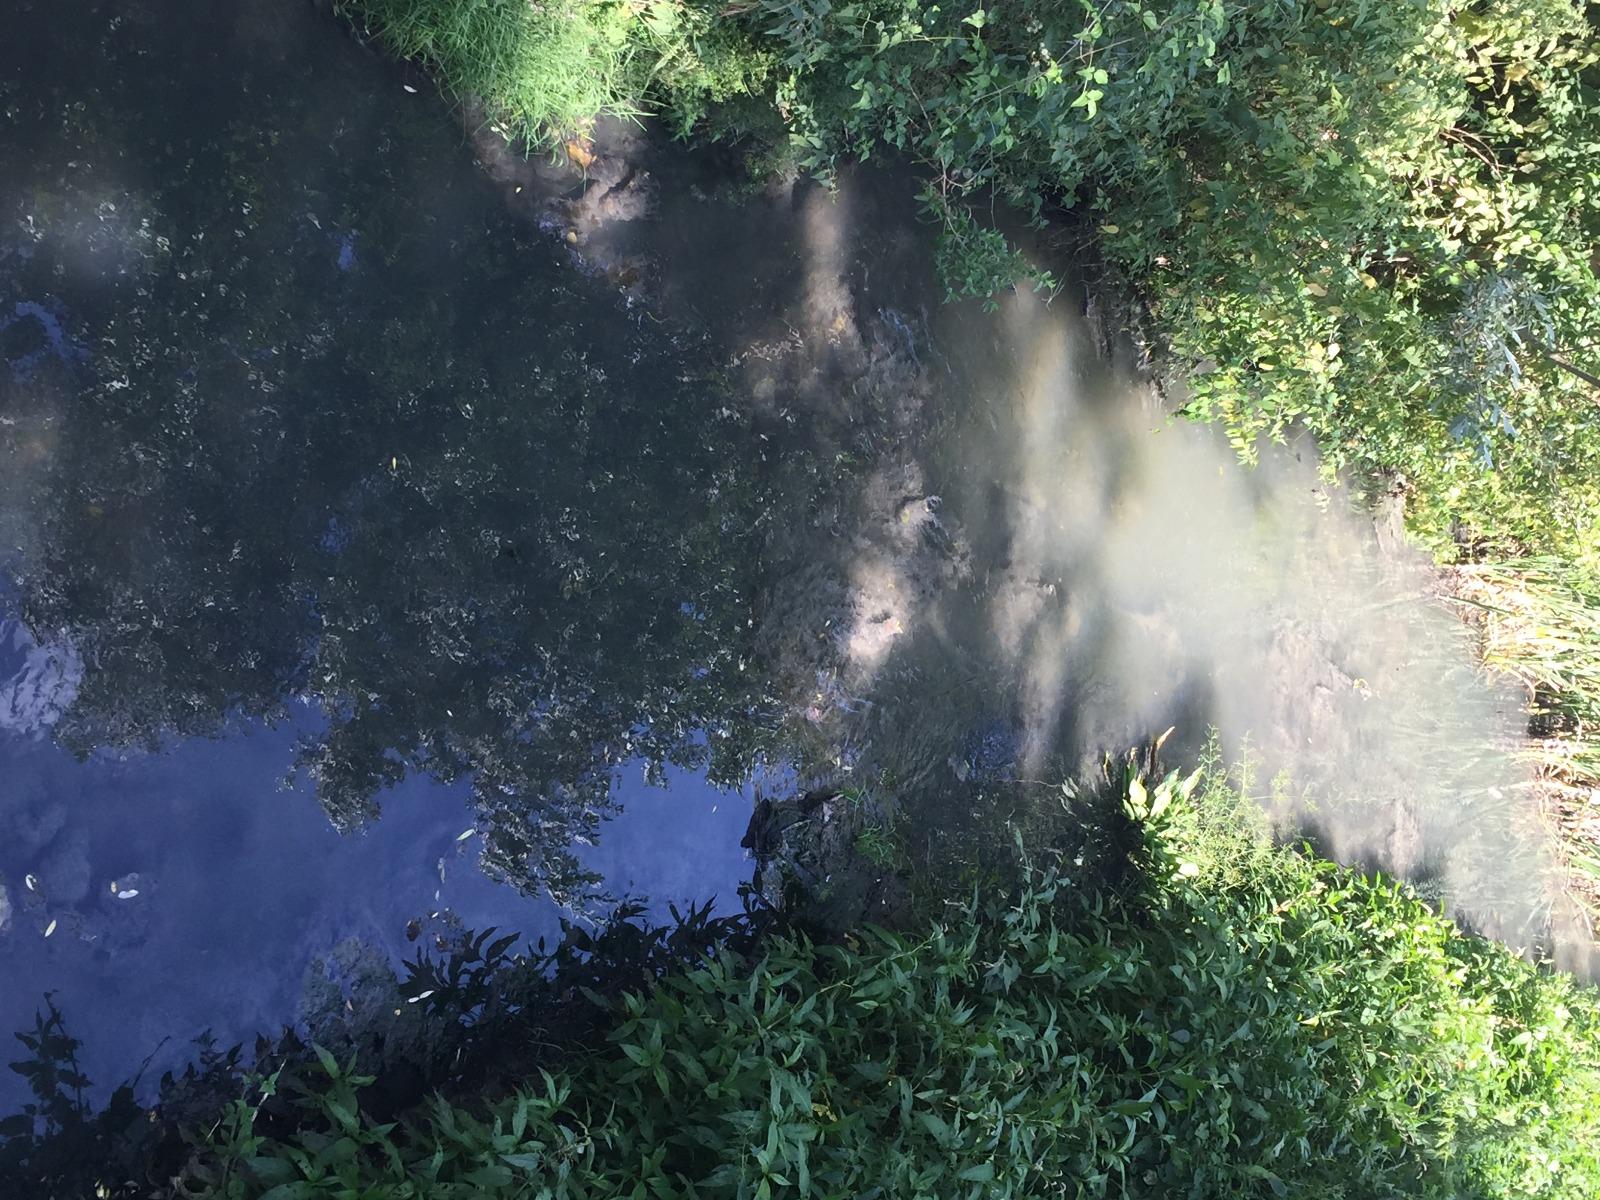 Scarico fiume Imele, acque torbide e maleodoranti, Fare Verde e NOVPC segnalano all'ARTA